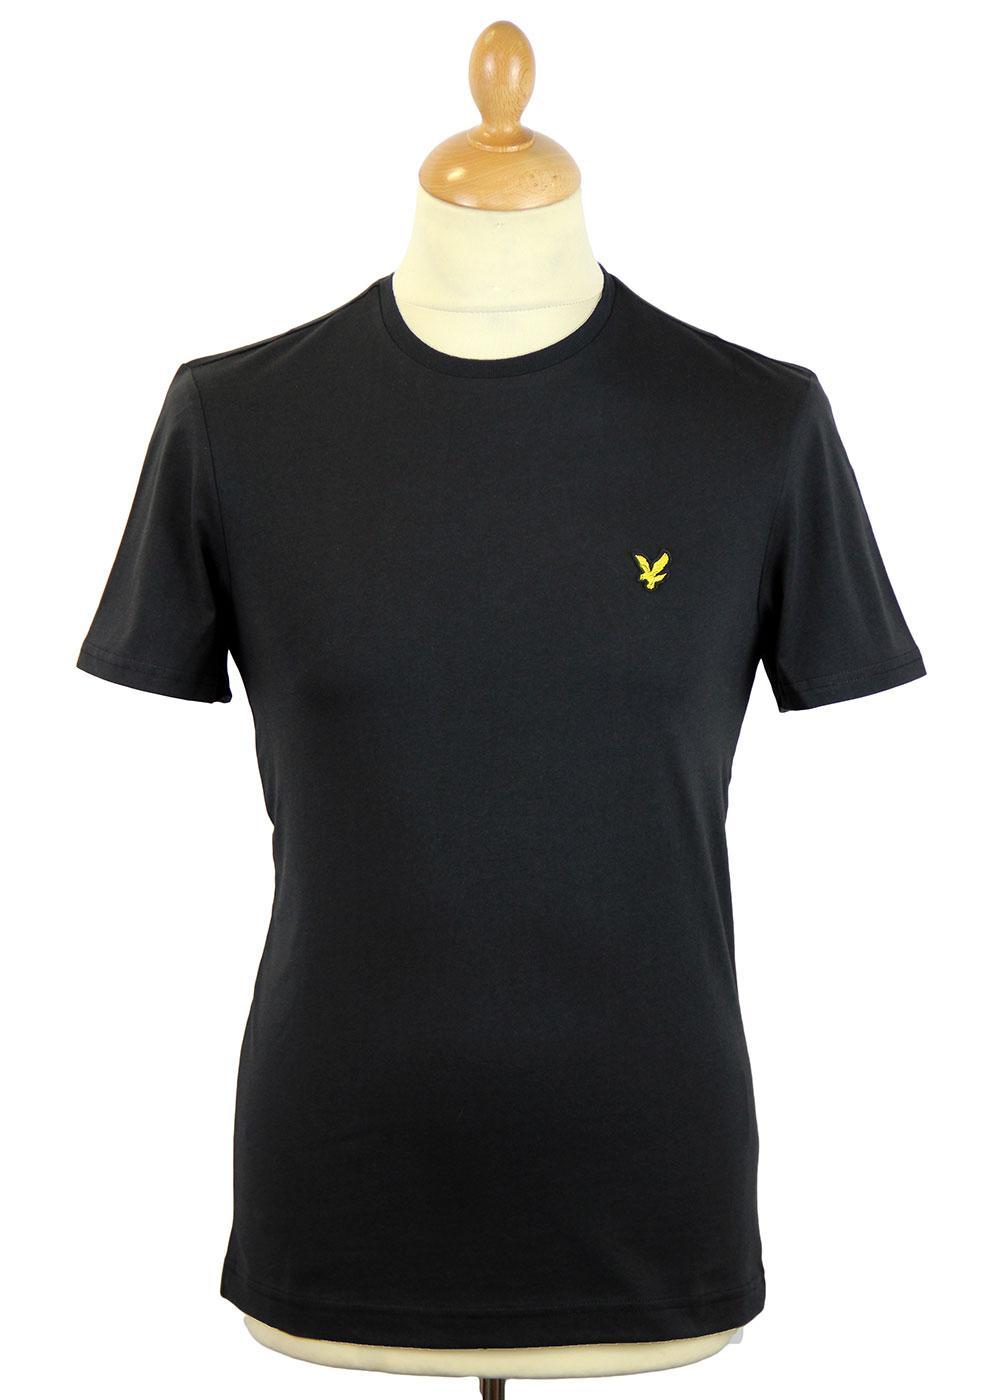 LYLE & SCOTT Retro Plain Golden Eagle T-Shirt TB